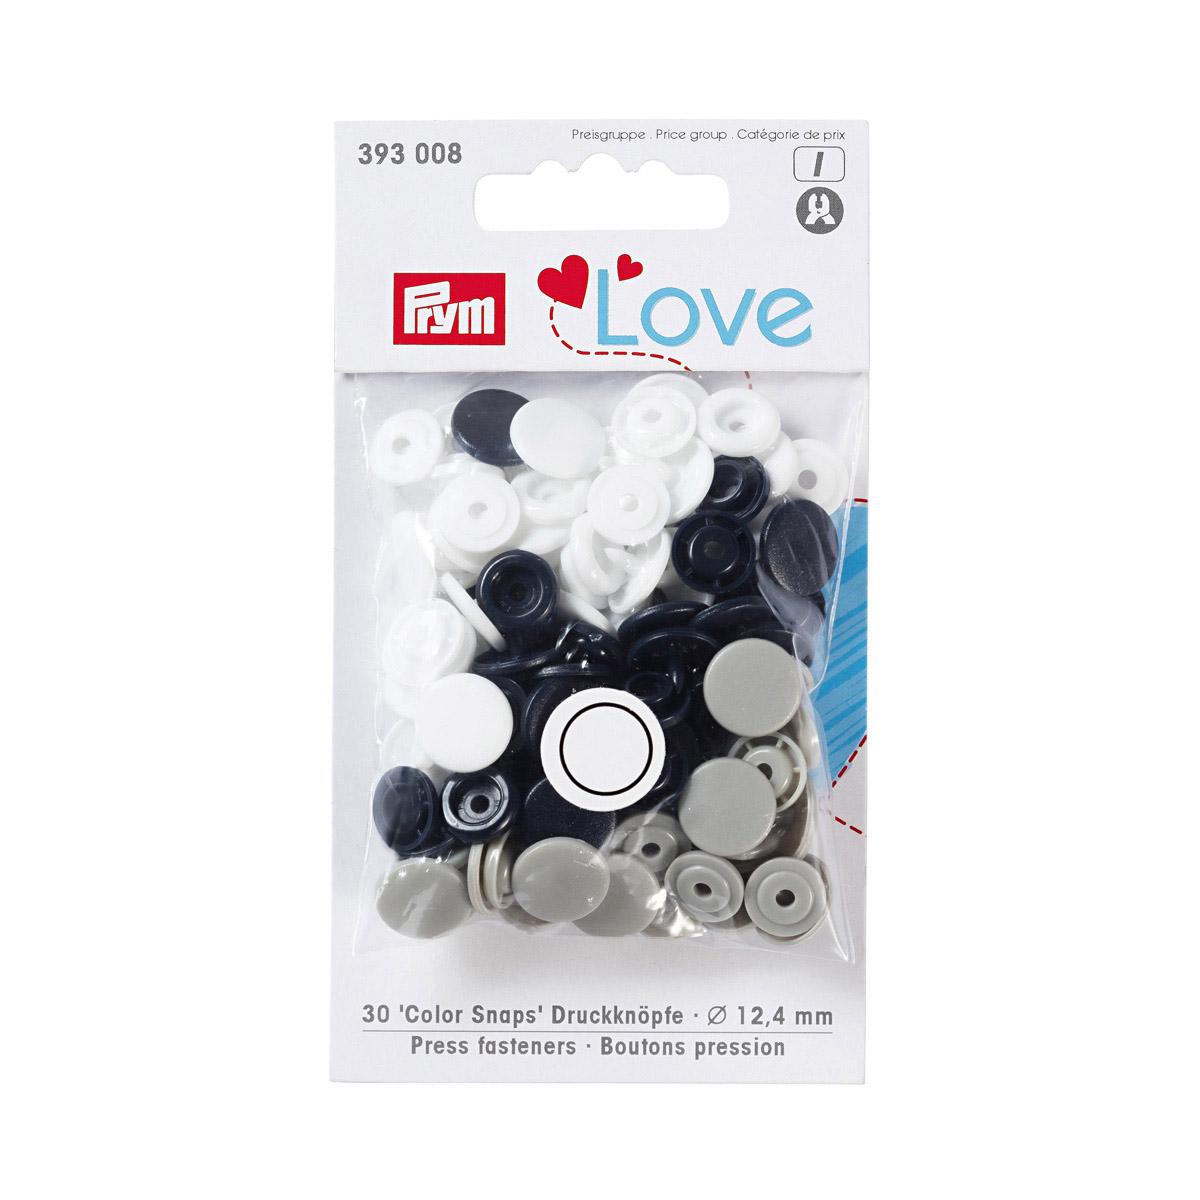 393008 Kнопки Color Snaps PrymLove, белый/серый/морской волны цв., 12мм, 30шт Prym